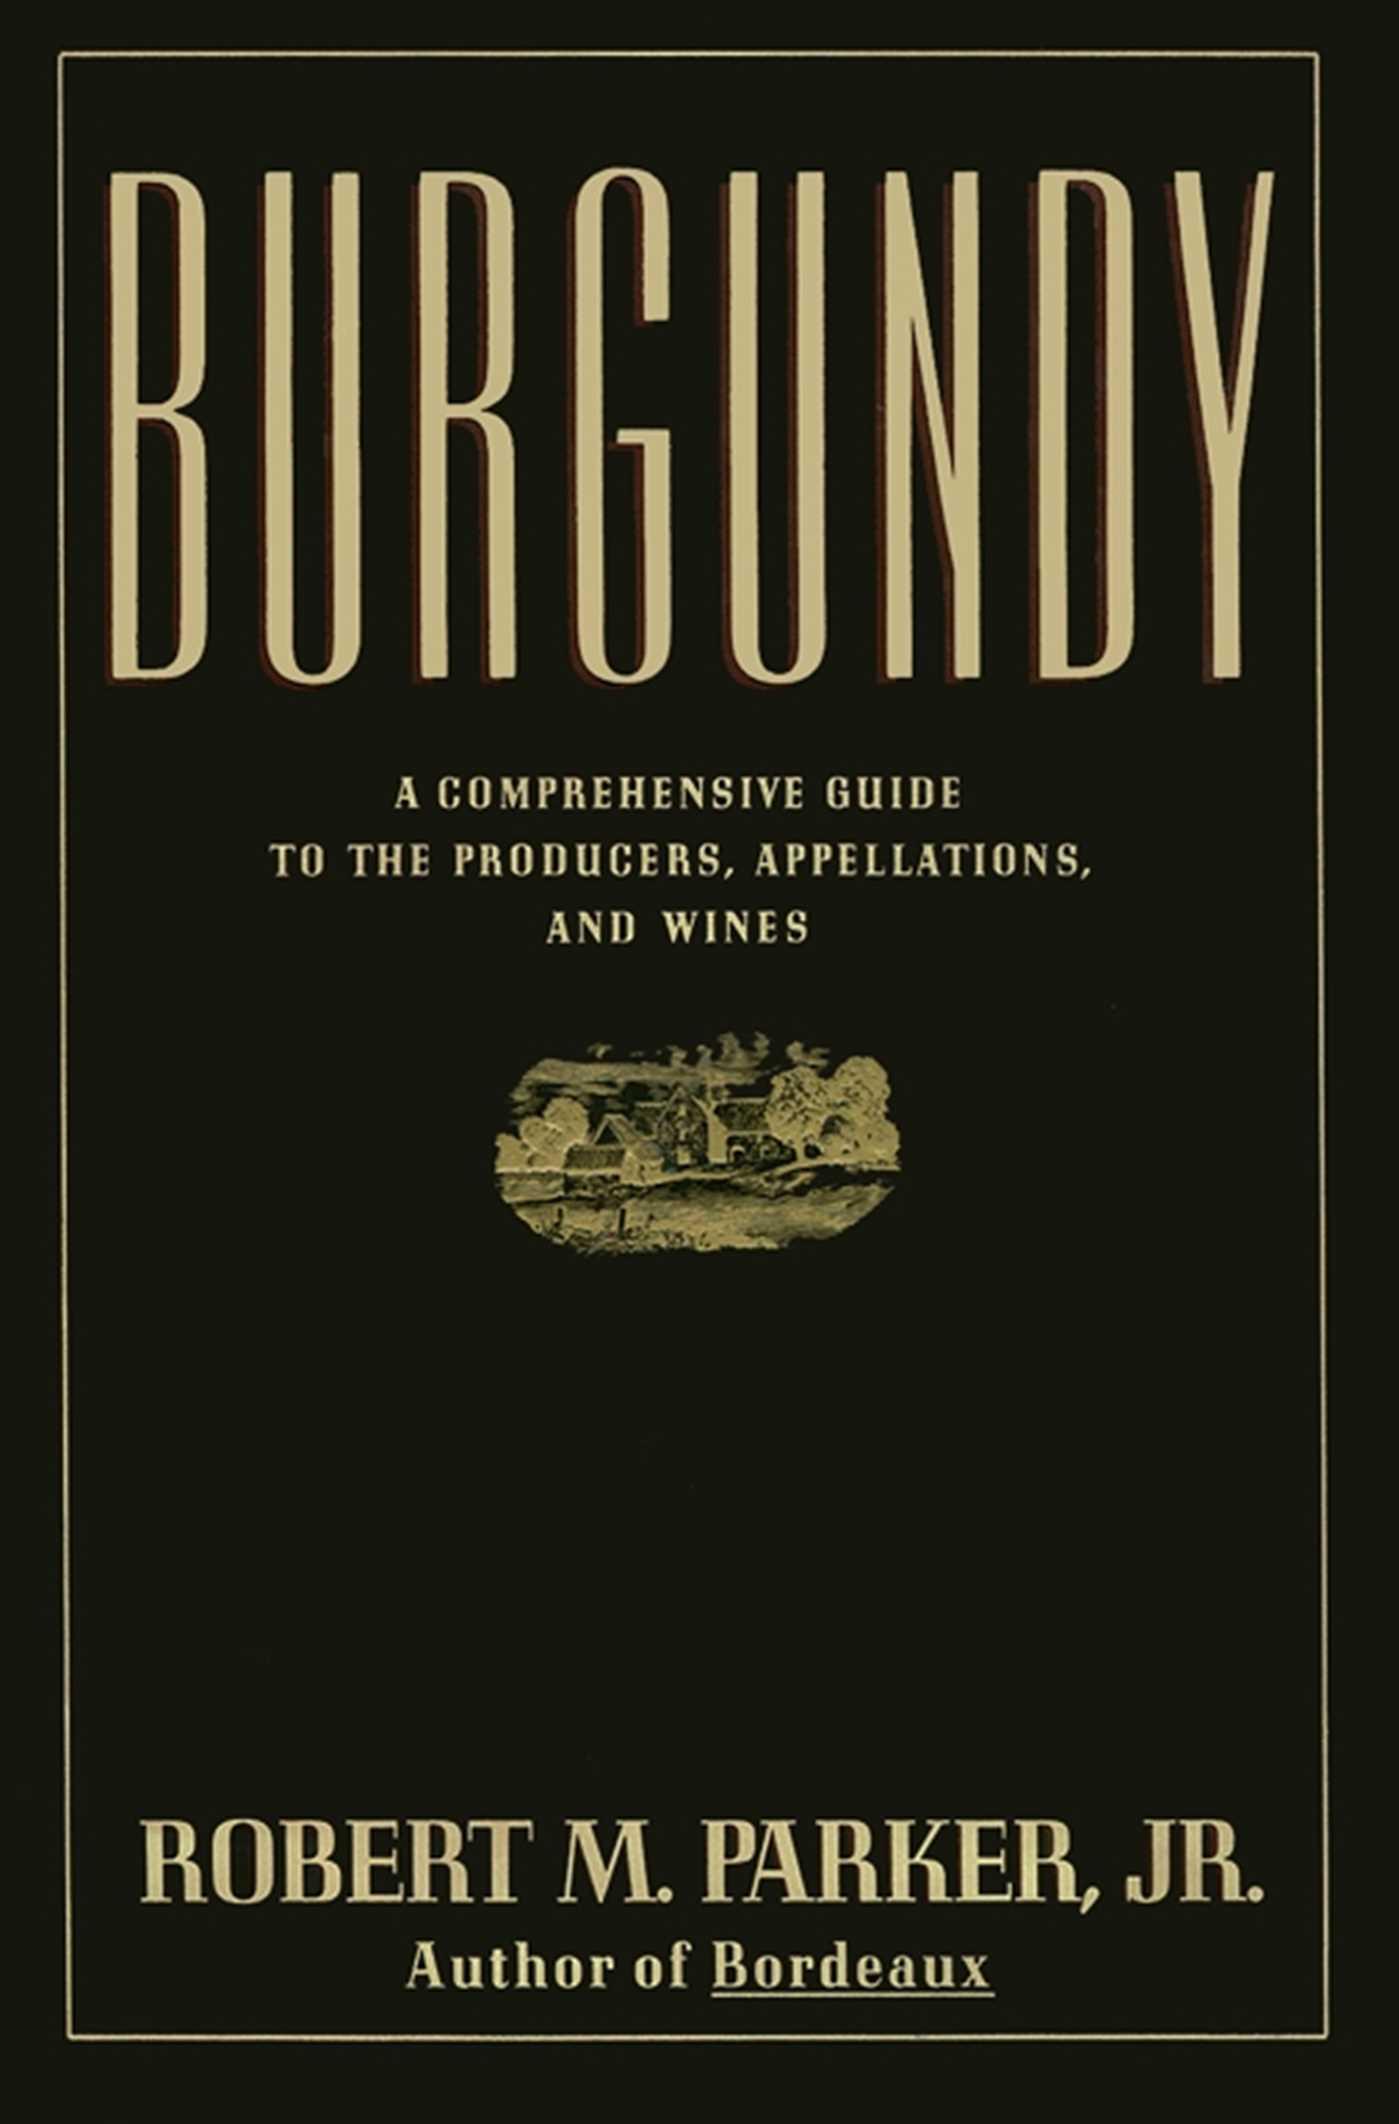 Burgundy 9781439142103 hr